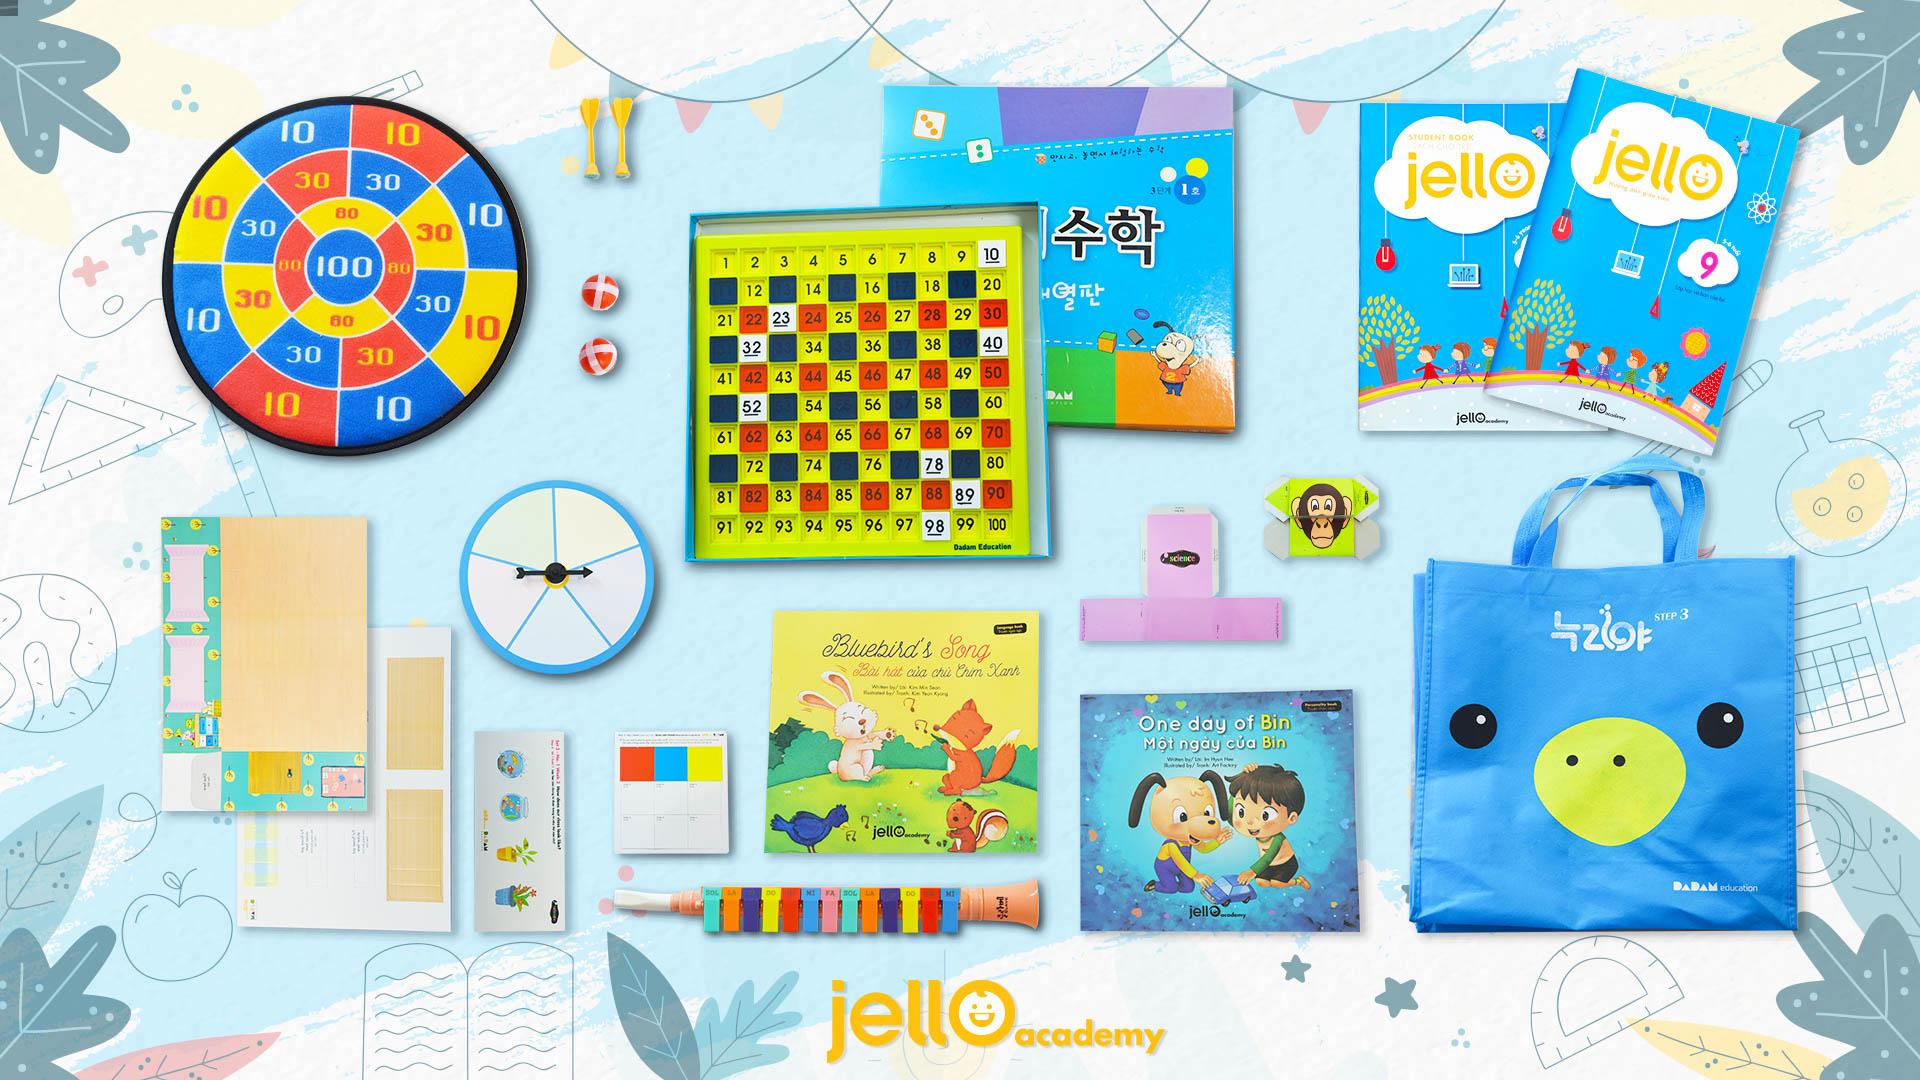 Bộ học cụ Jello - 5 Tuổi - Tháng 09